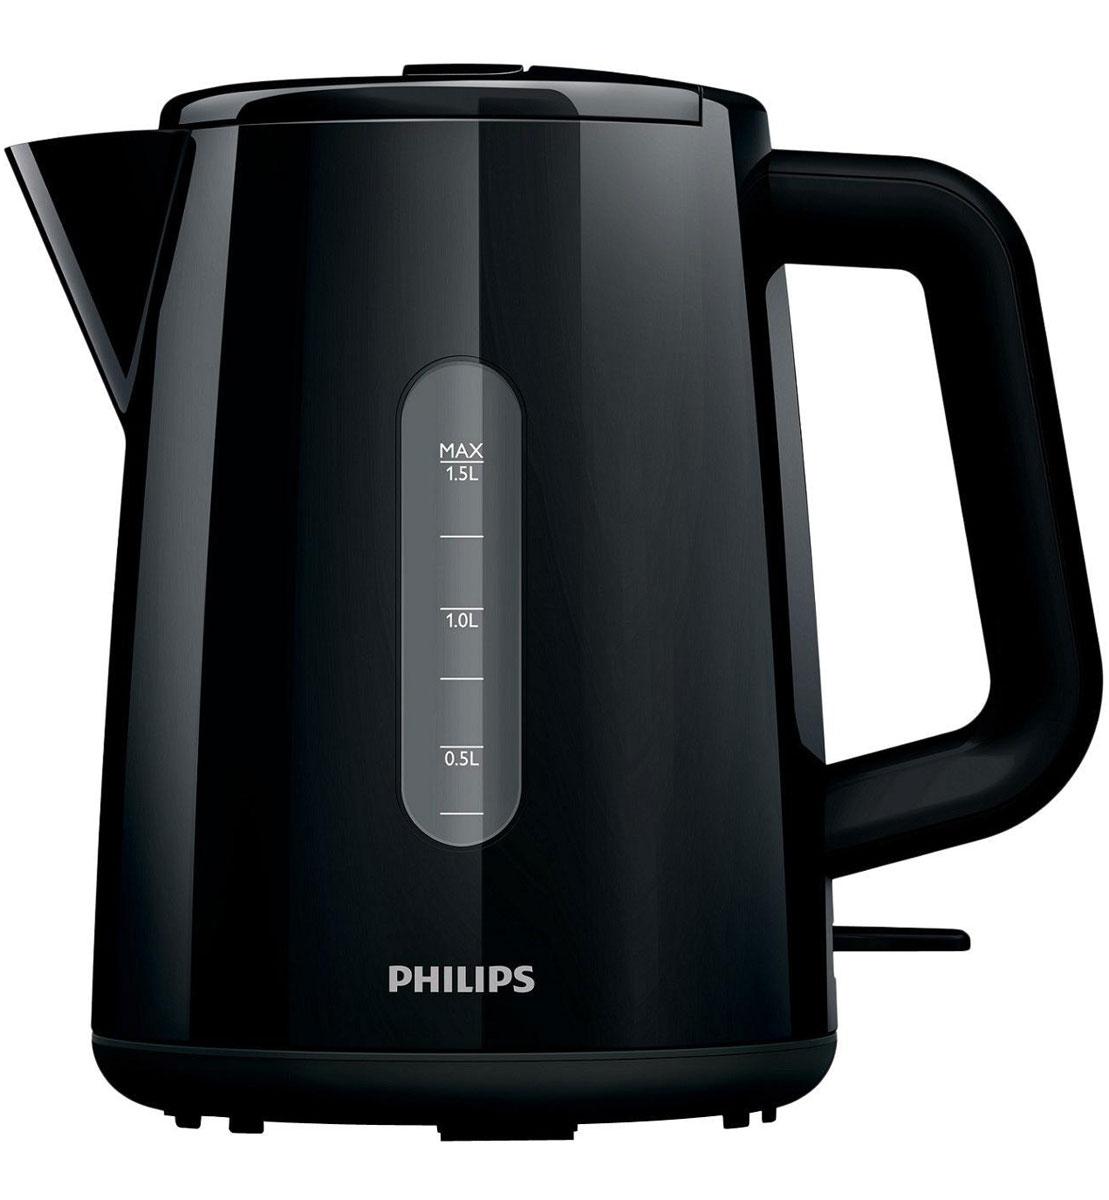 Philips HD9300/90 электрочайникHD9300/90Компания Philips, крупный международный производитель электроники, предлагает вашему вниманию широкий модельный ряд электрочайников от привычных недорогих пластиковых до стильных металлических моделей с цифровым управлением и дисплеем. Наиболее продвинутые модели способны нагревать воду до определенной температуры, имеют беспроводную подставку с поворотом на 360°, звуковой сигнал при закипании воды, тройной фильтр от накипи, многофазовую систему безопасности и многое другое. Вам останется только наслаждаться безупречным вкусом напитка.Не правда ли, здорово за считанные секунды вскипятить воду и без лишних усилий очистить чайник? Плоский нагревательный элемент позволяет быстро вскипятить воду и прост в очистке. Благодаря моющемуся фильтру очистки от накипи вода становится чистой, а напитки — без частиц известкового осадка.